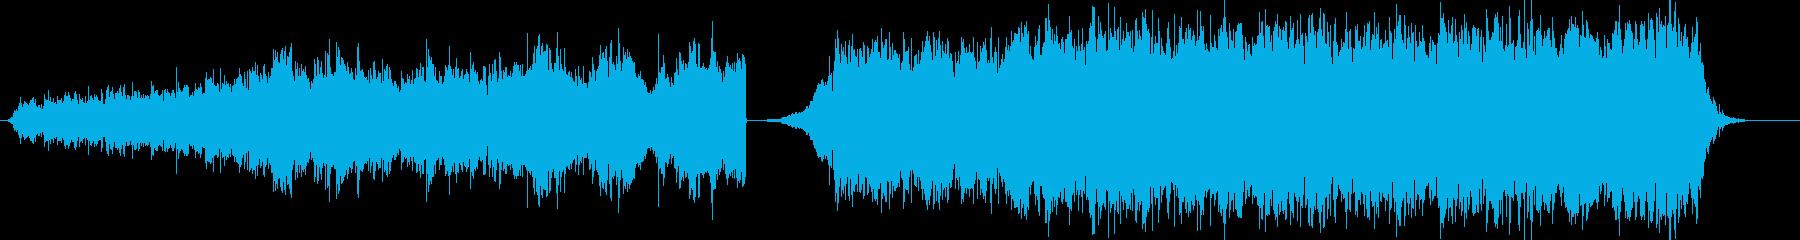 明るくどこか切ないPianoアンビエントの再生済みの波形